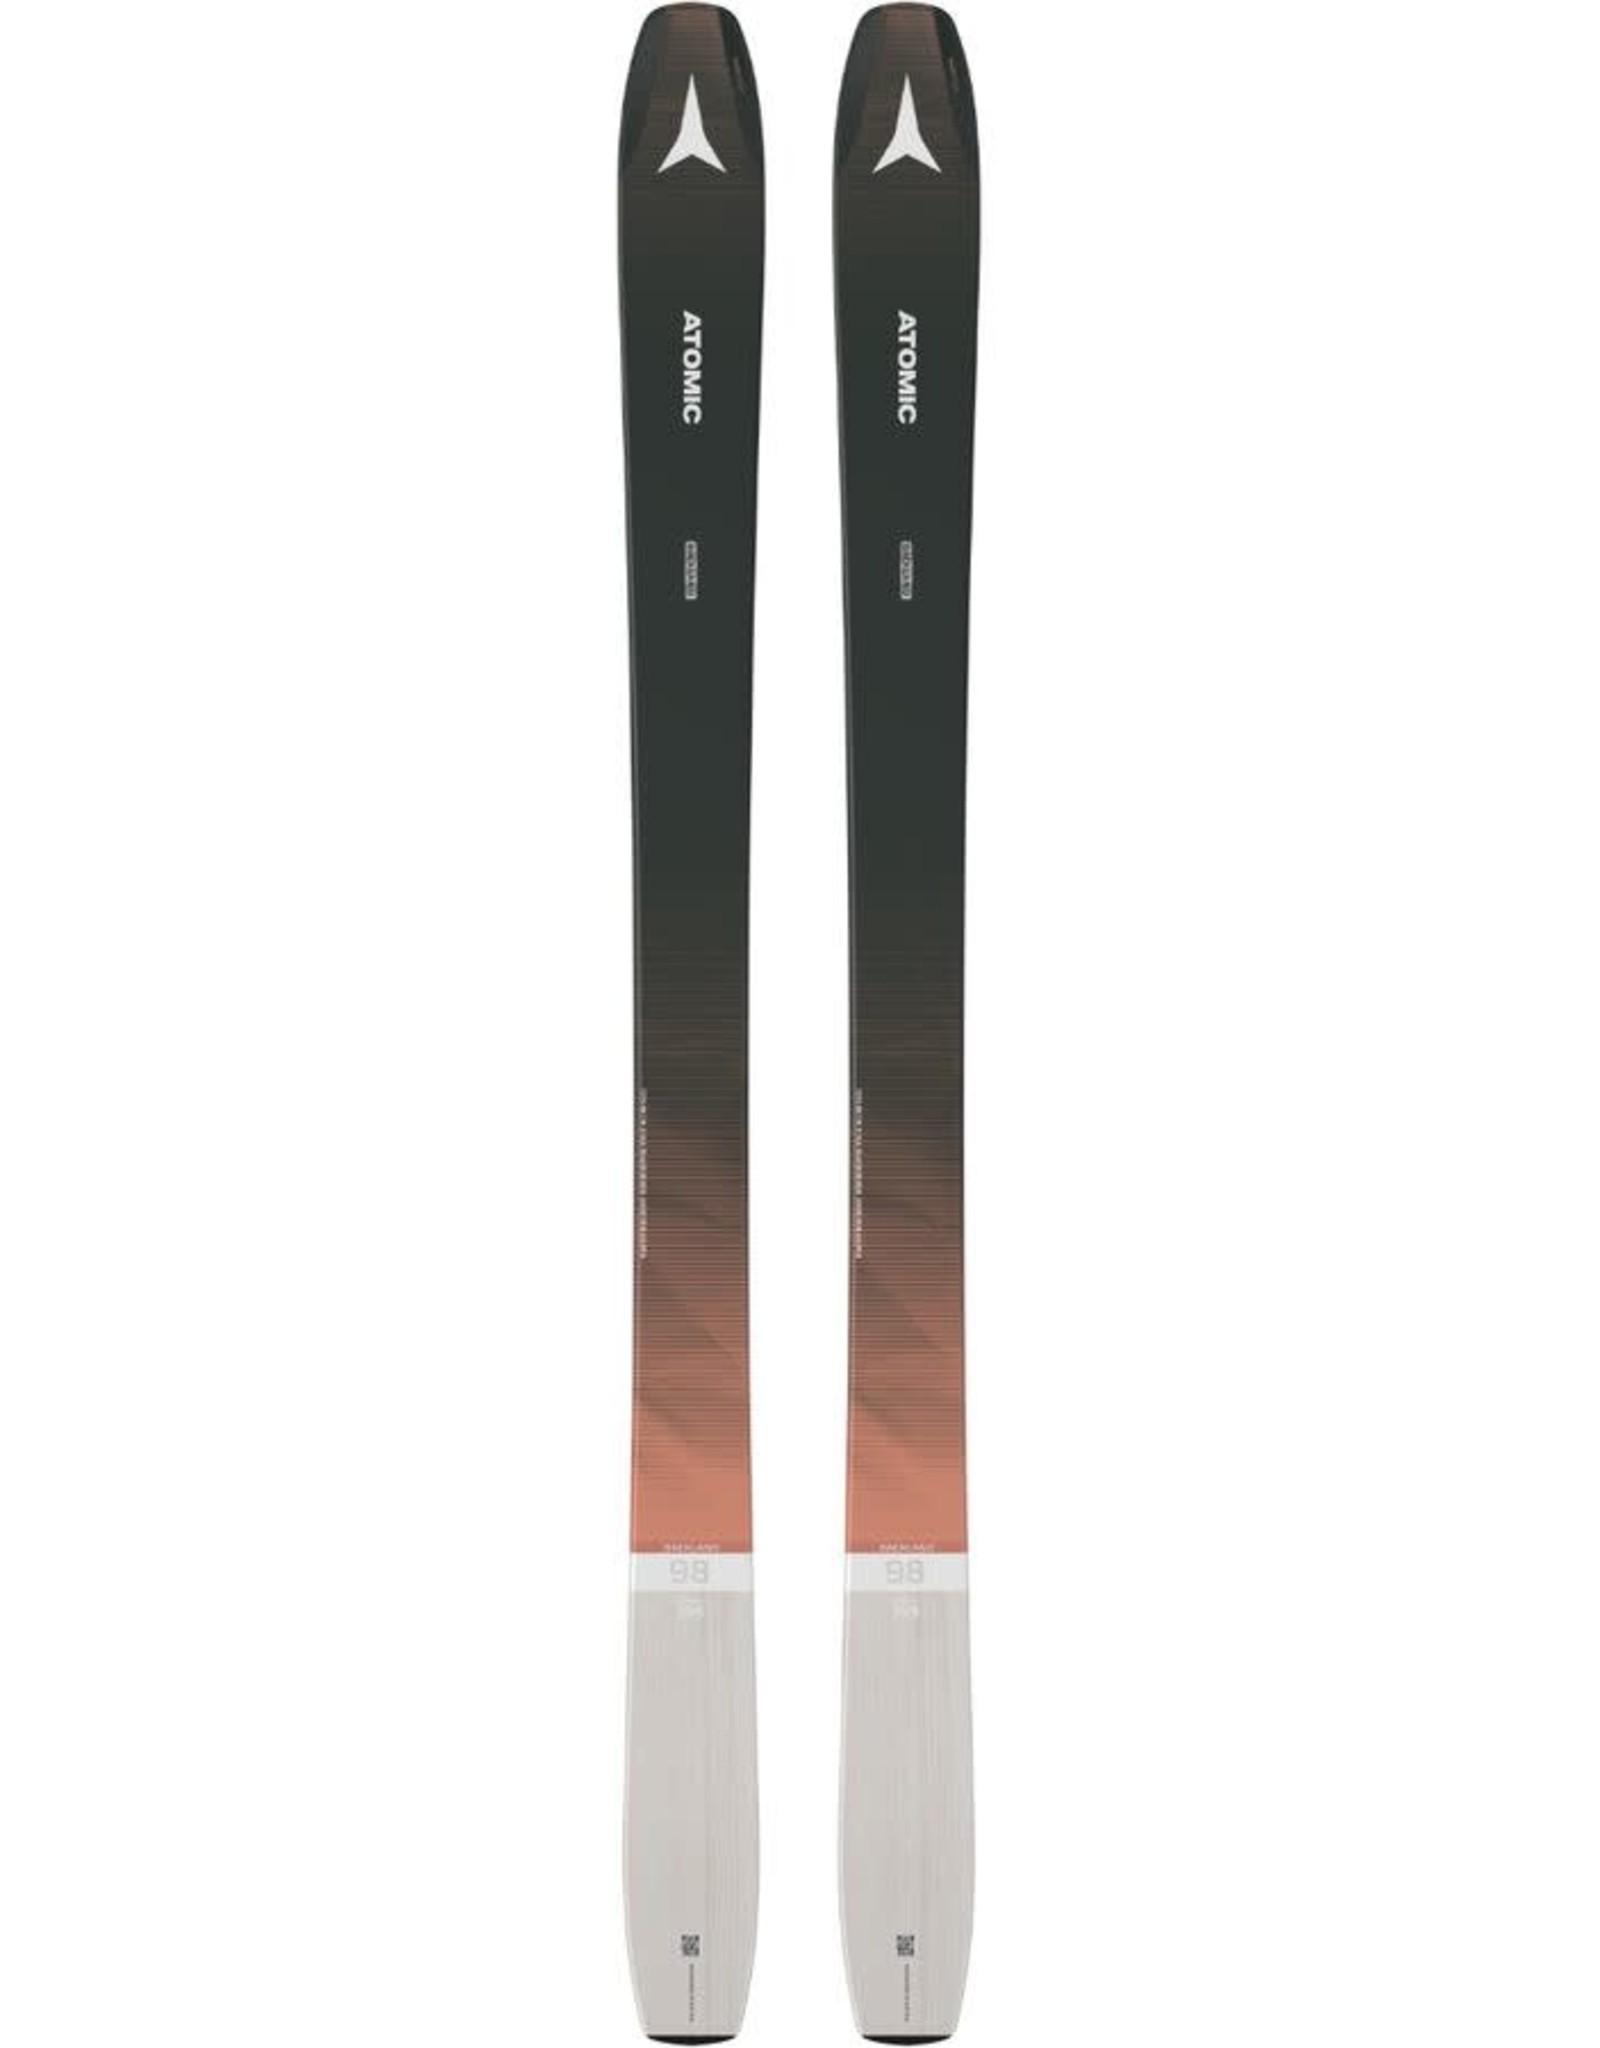 ATOMIC ATOMIC Skis BACKLAND 98 W (20/21)